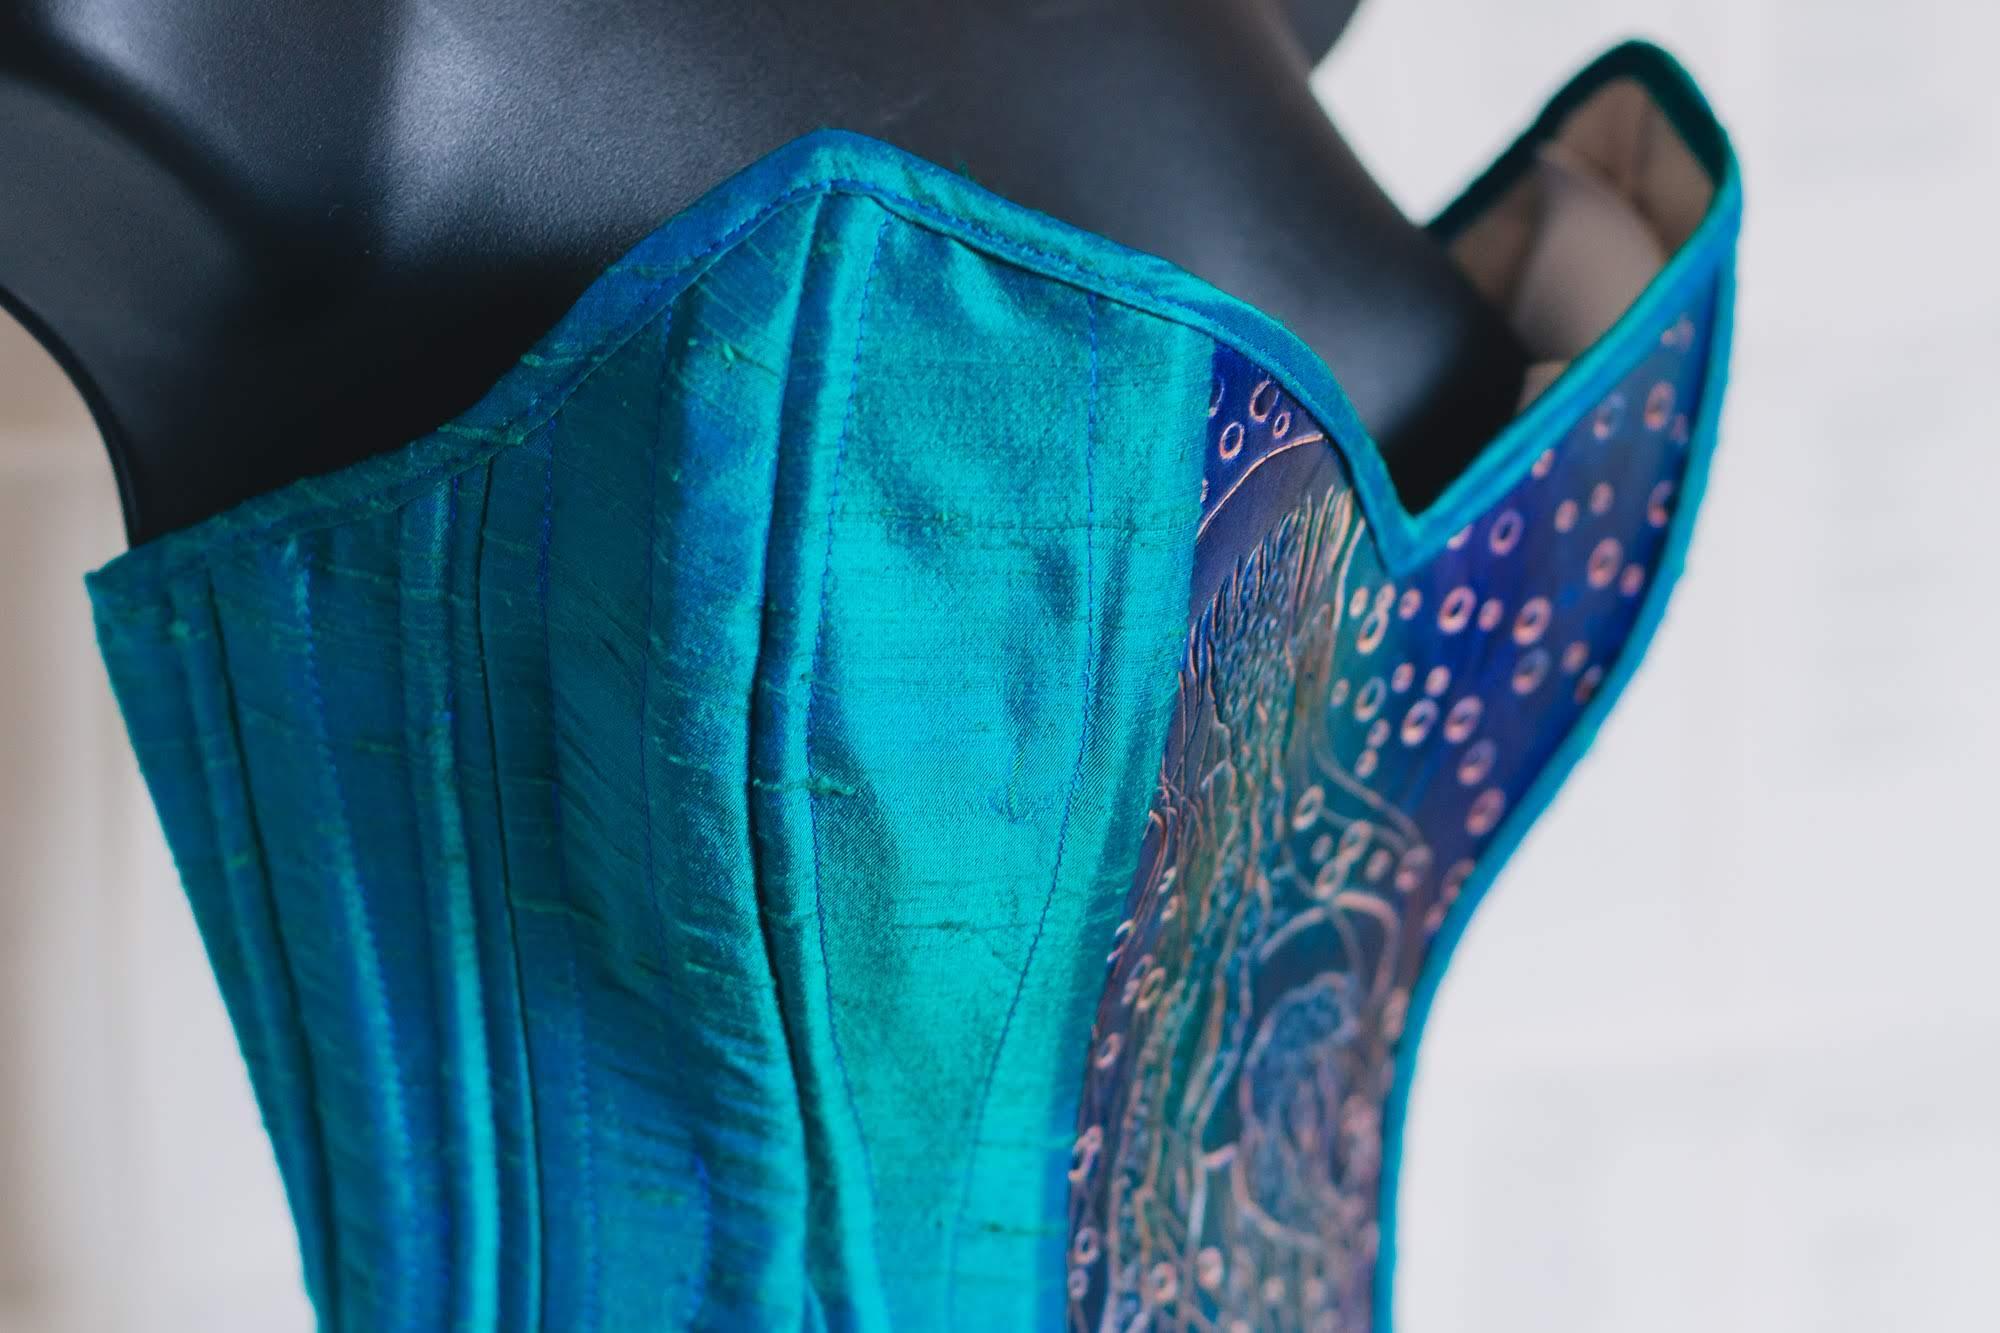 mermaid-corset-detail.jpg